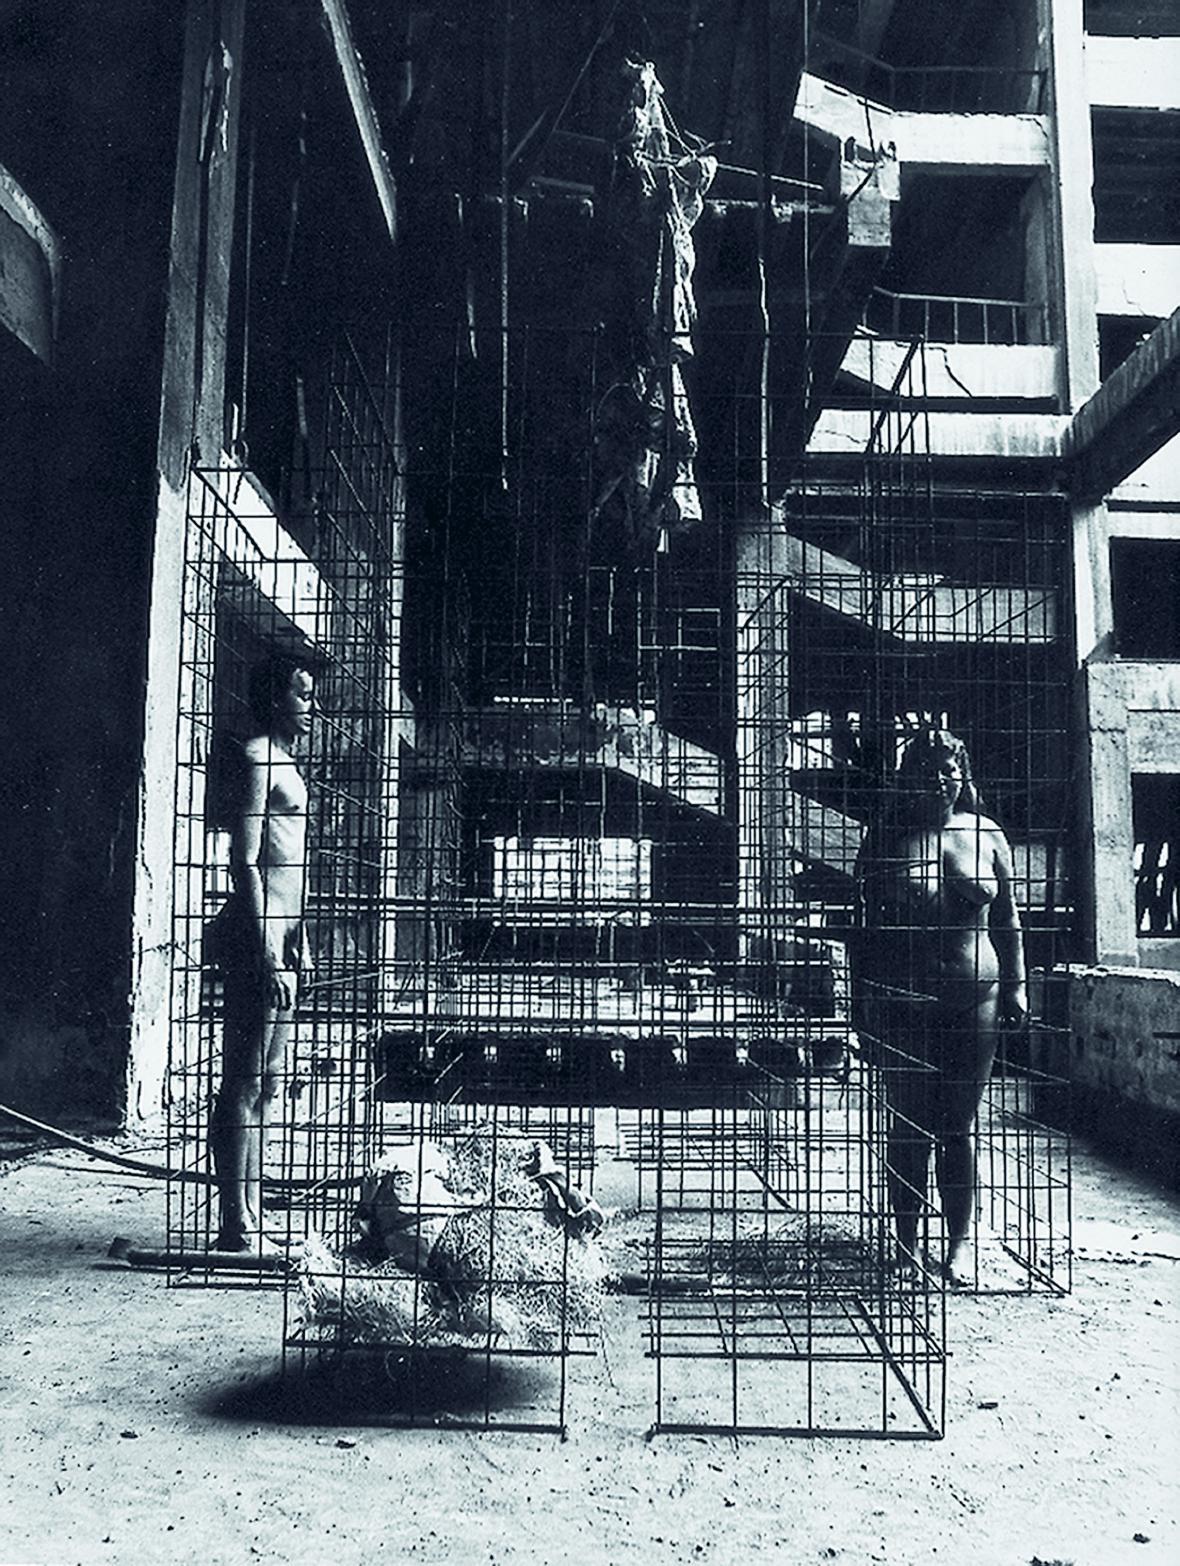 Fotodokumentace z akcí Jiřího Sozanského ve Veletržním paláci, 1984